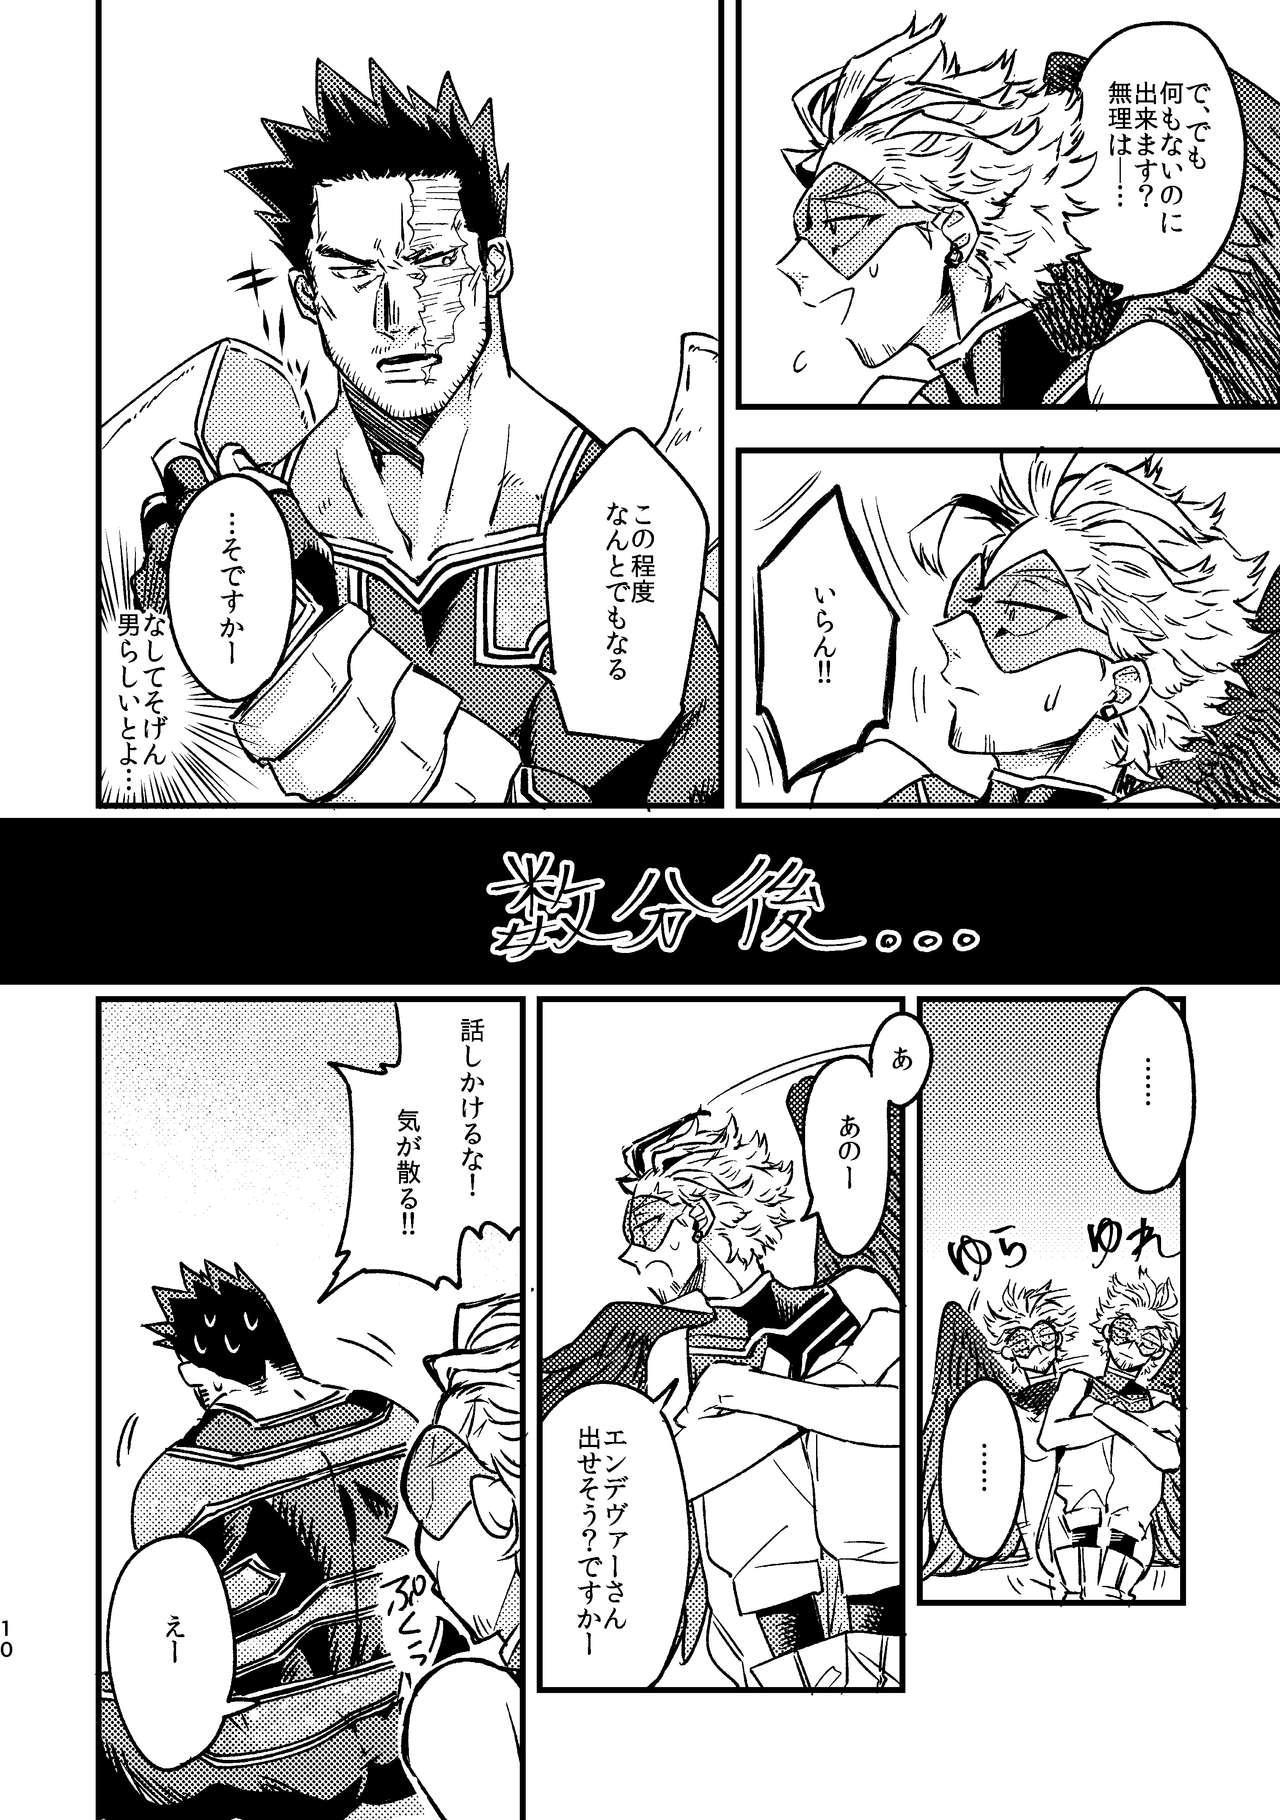 WEB Sairoku Zumi HawEn Manga ga Kami demo Yomeru Hon. 9